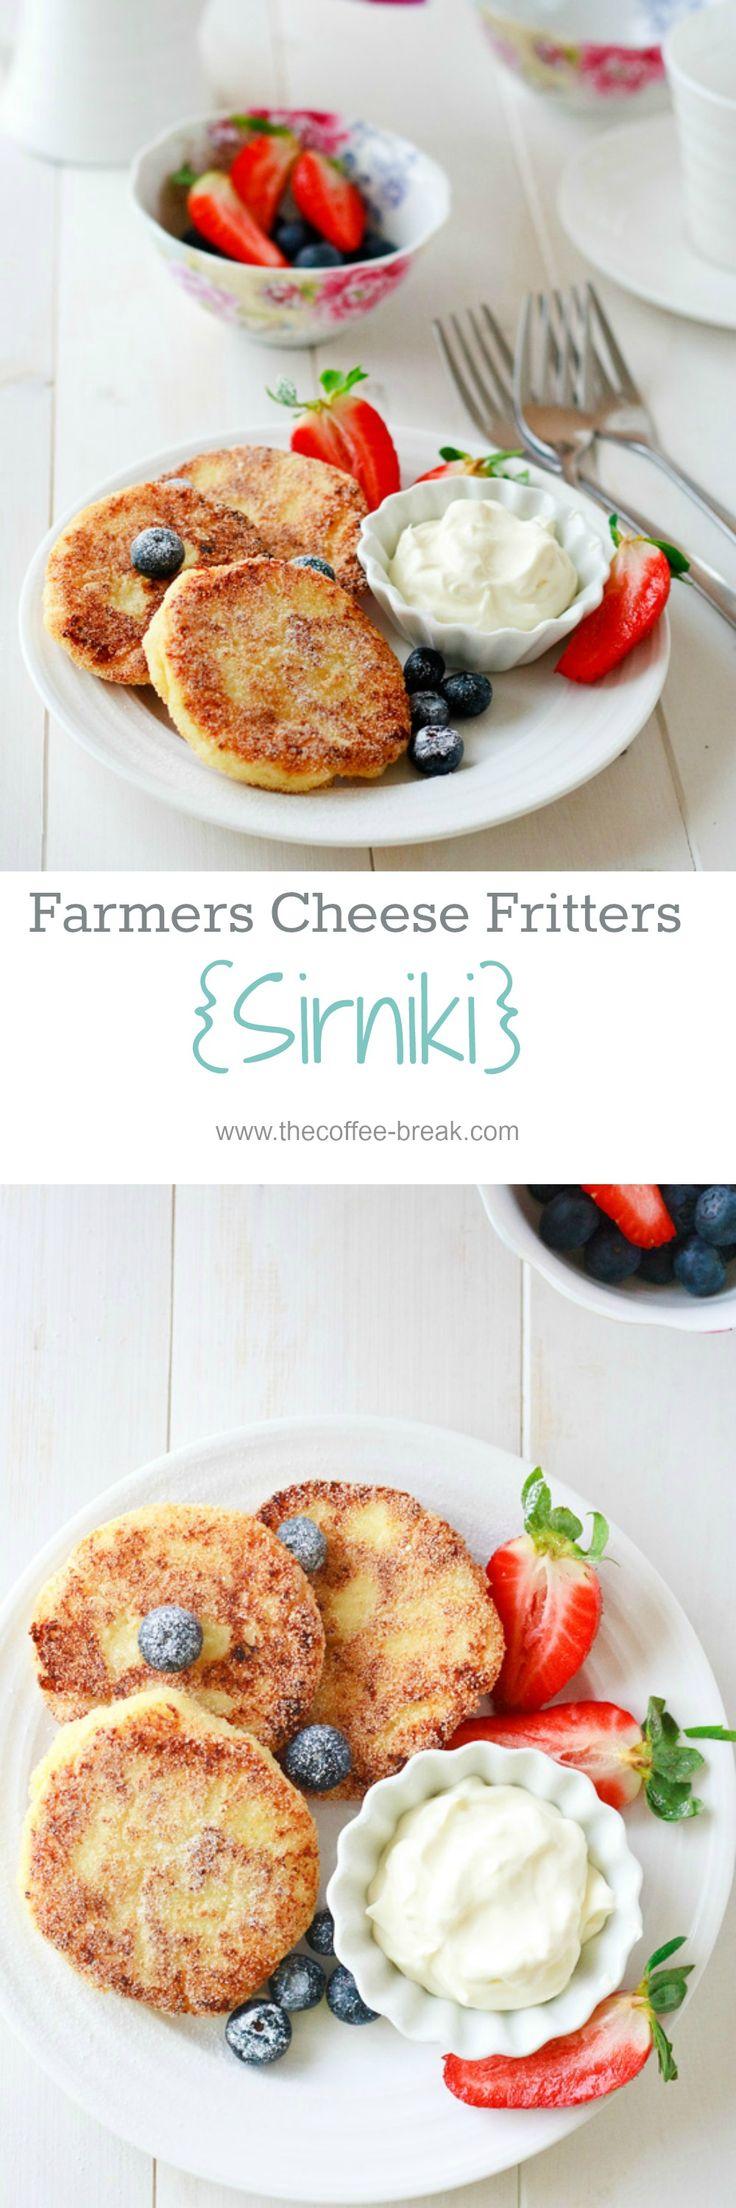 Farmers cheese breakfast fritters    recipe @ www.thecoffee-break.com